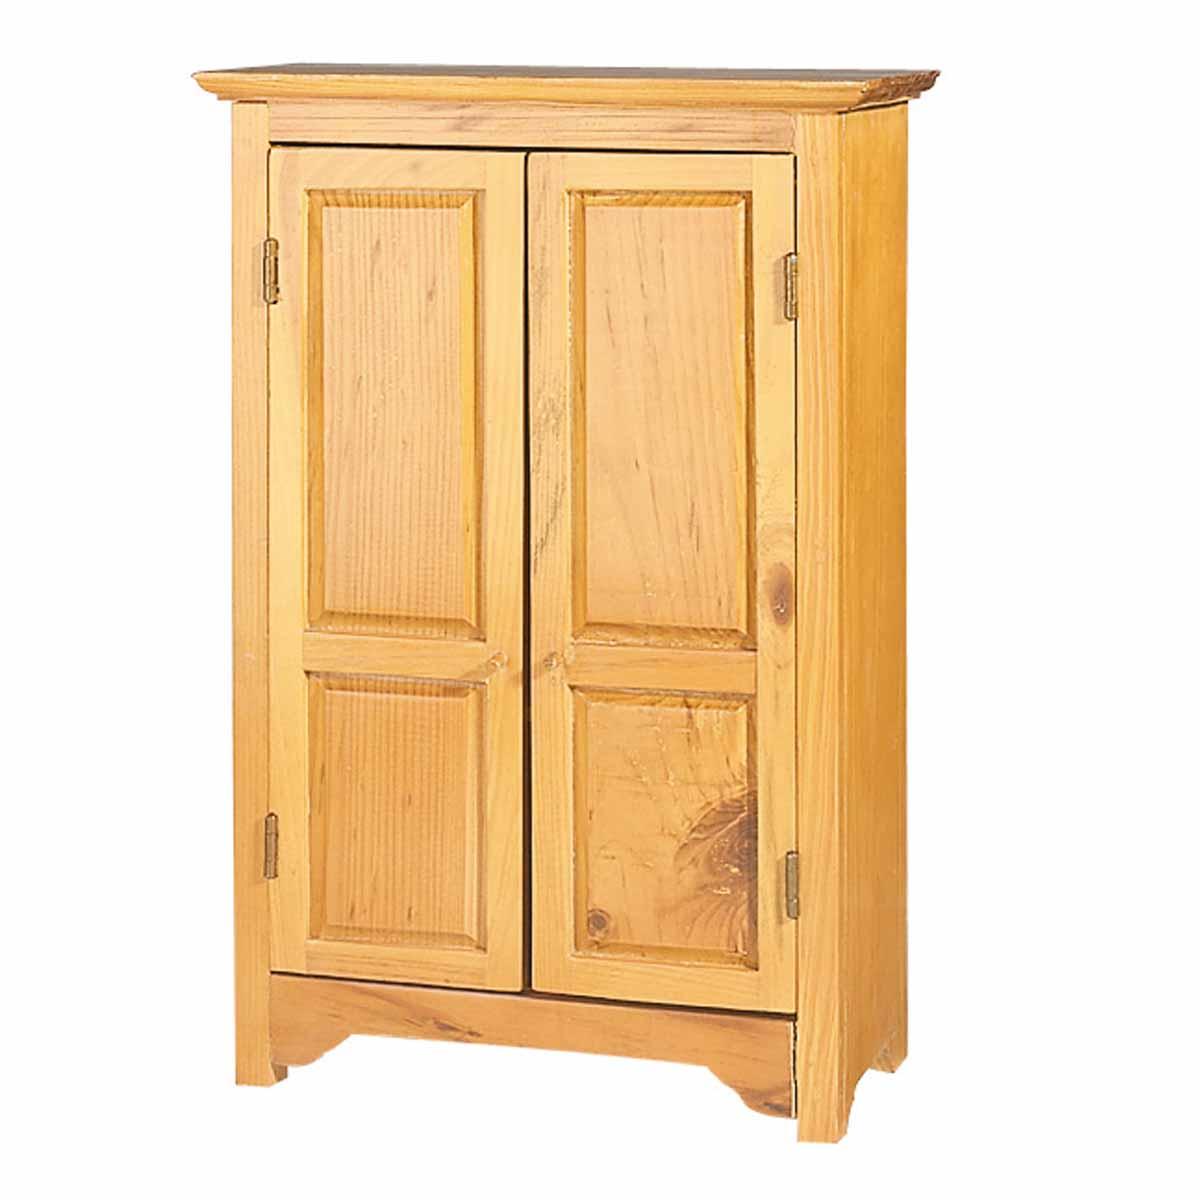 armoire furniture under $150 RHBTBZX